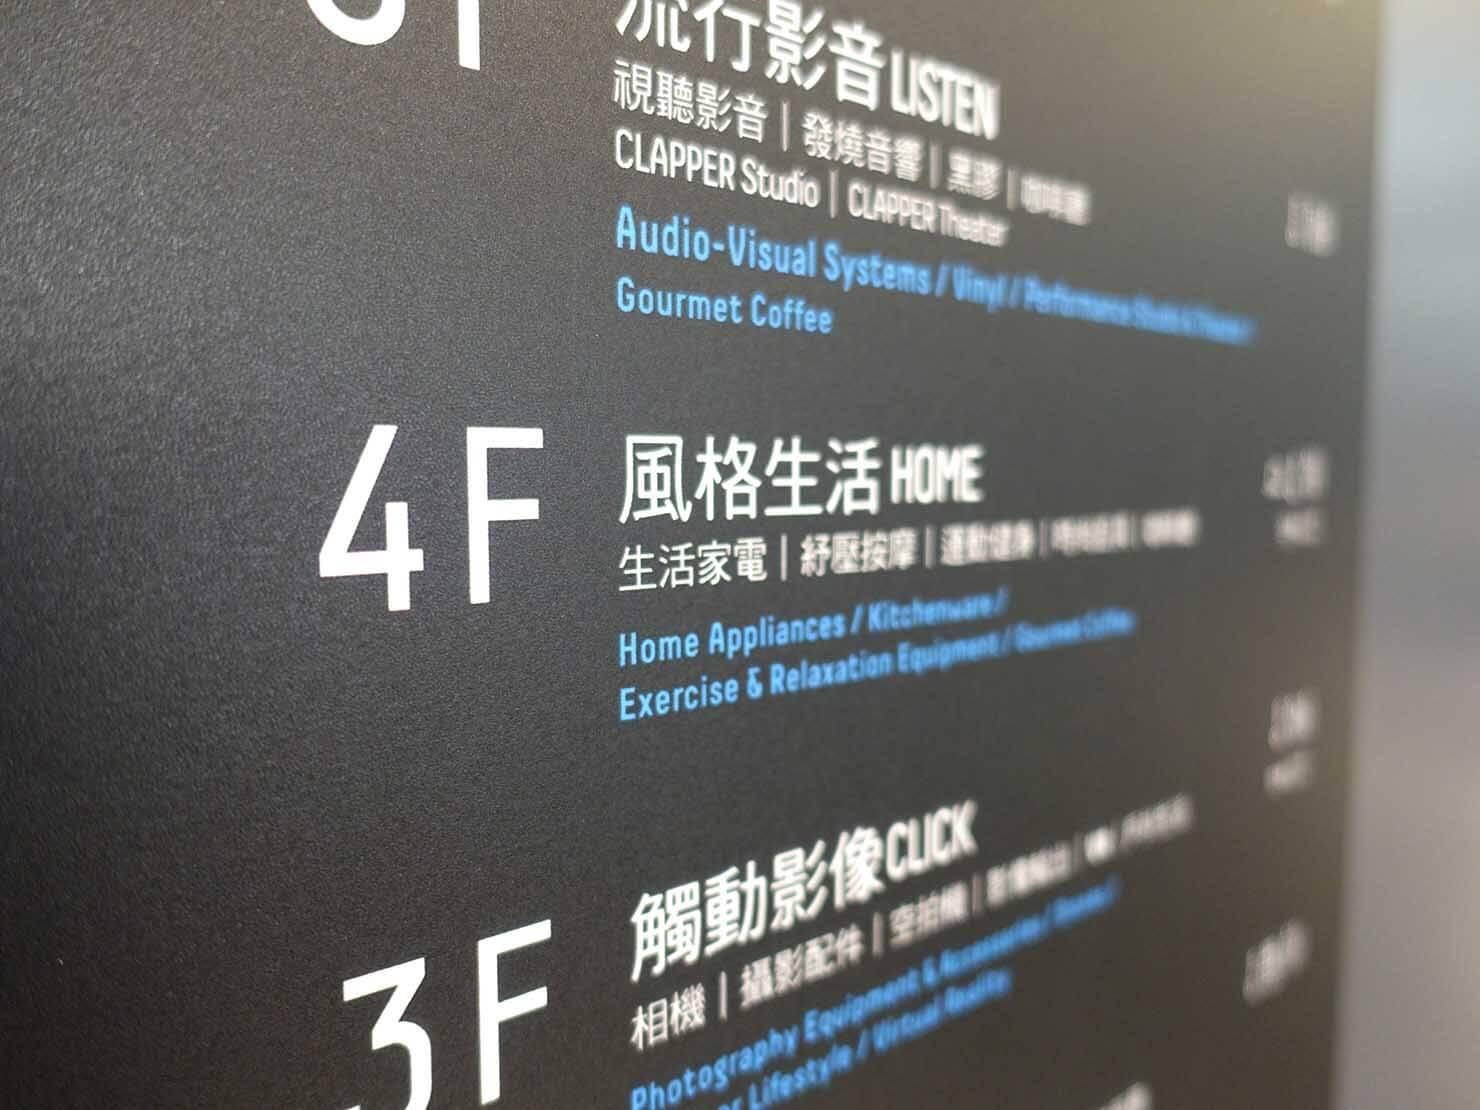 台北で生活家電を揃えたい時のおすすめ店「三創生活 SYNTREND」フロア案内